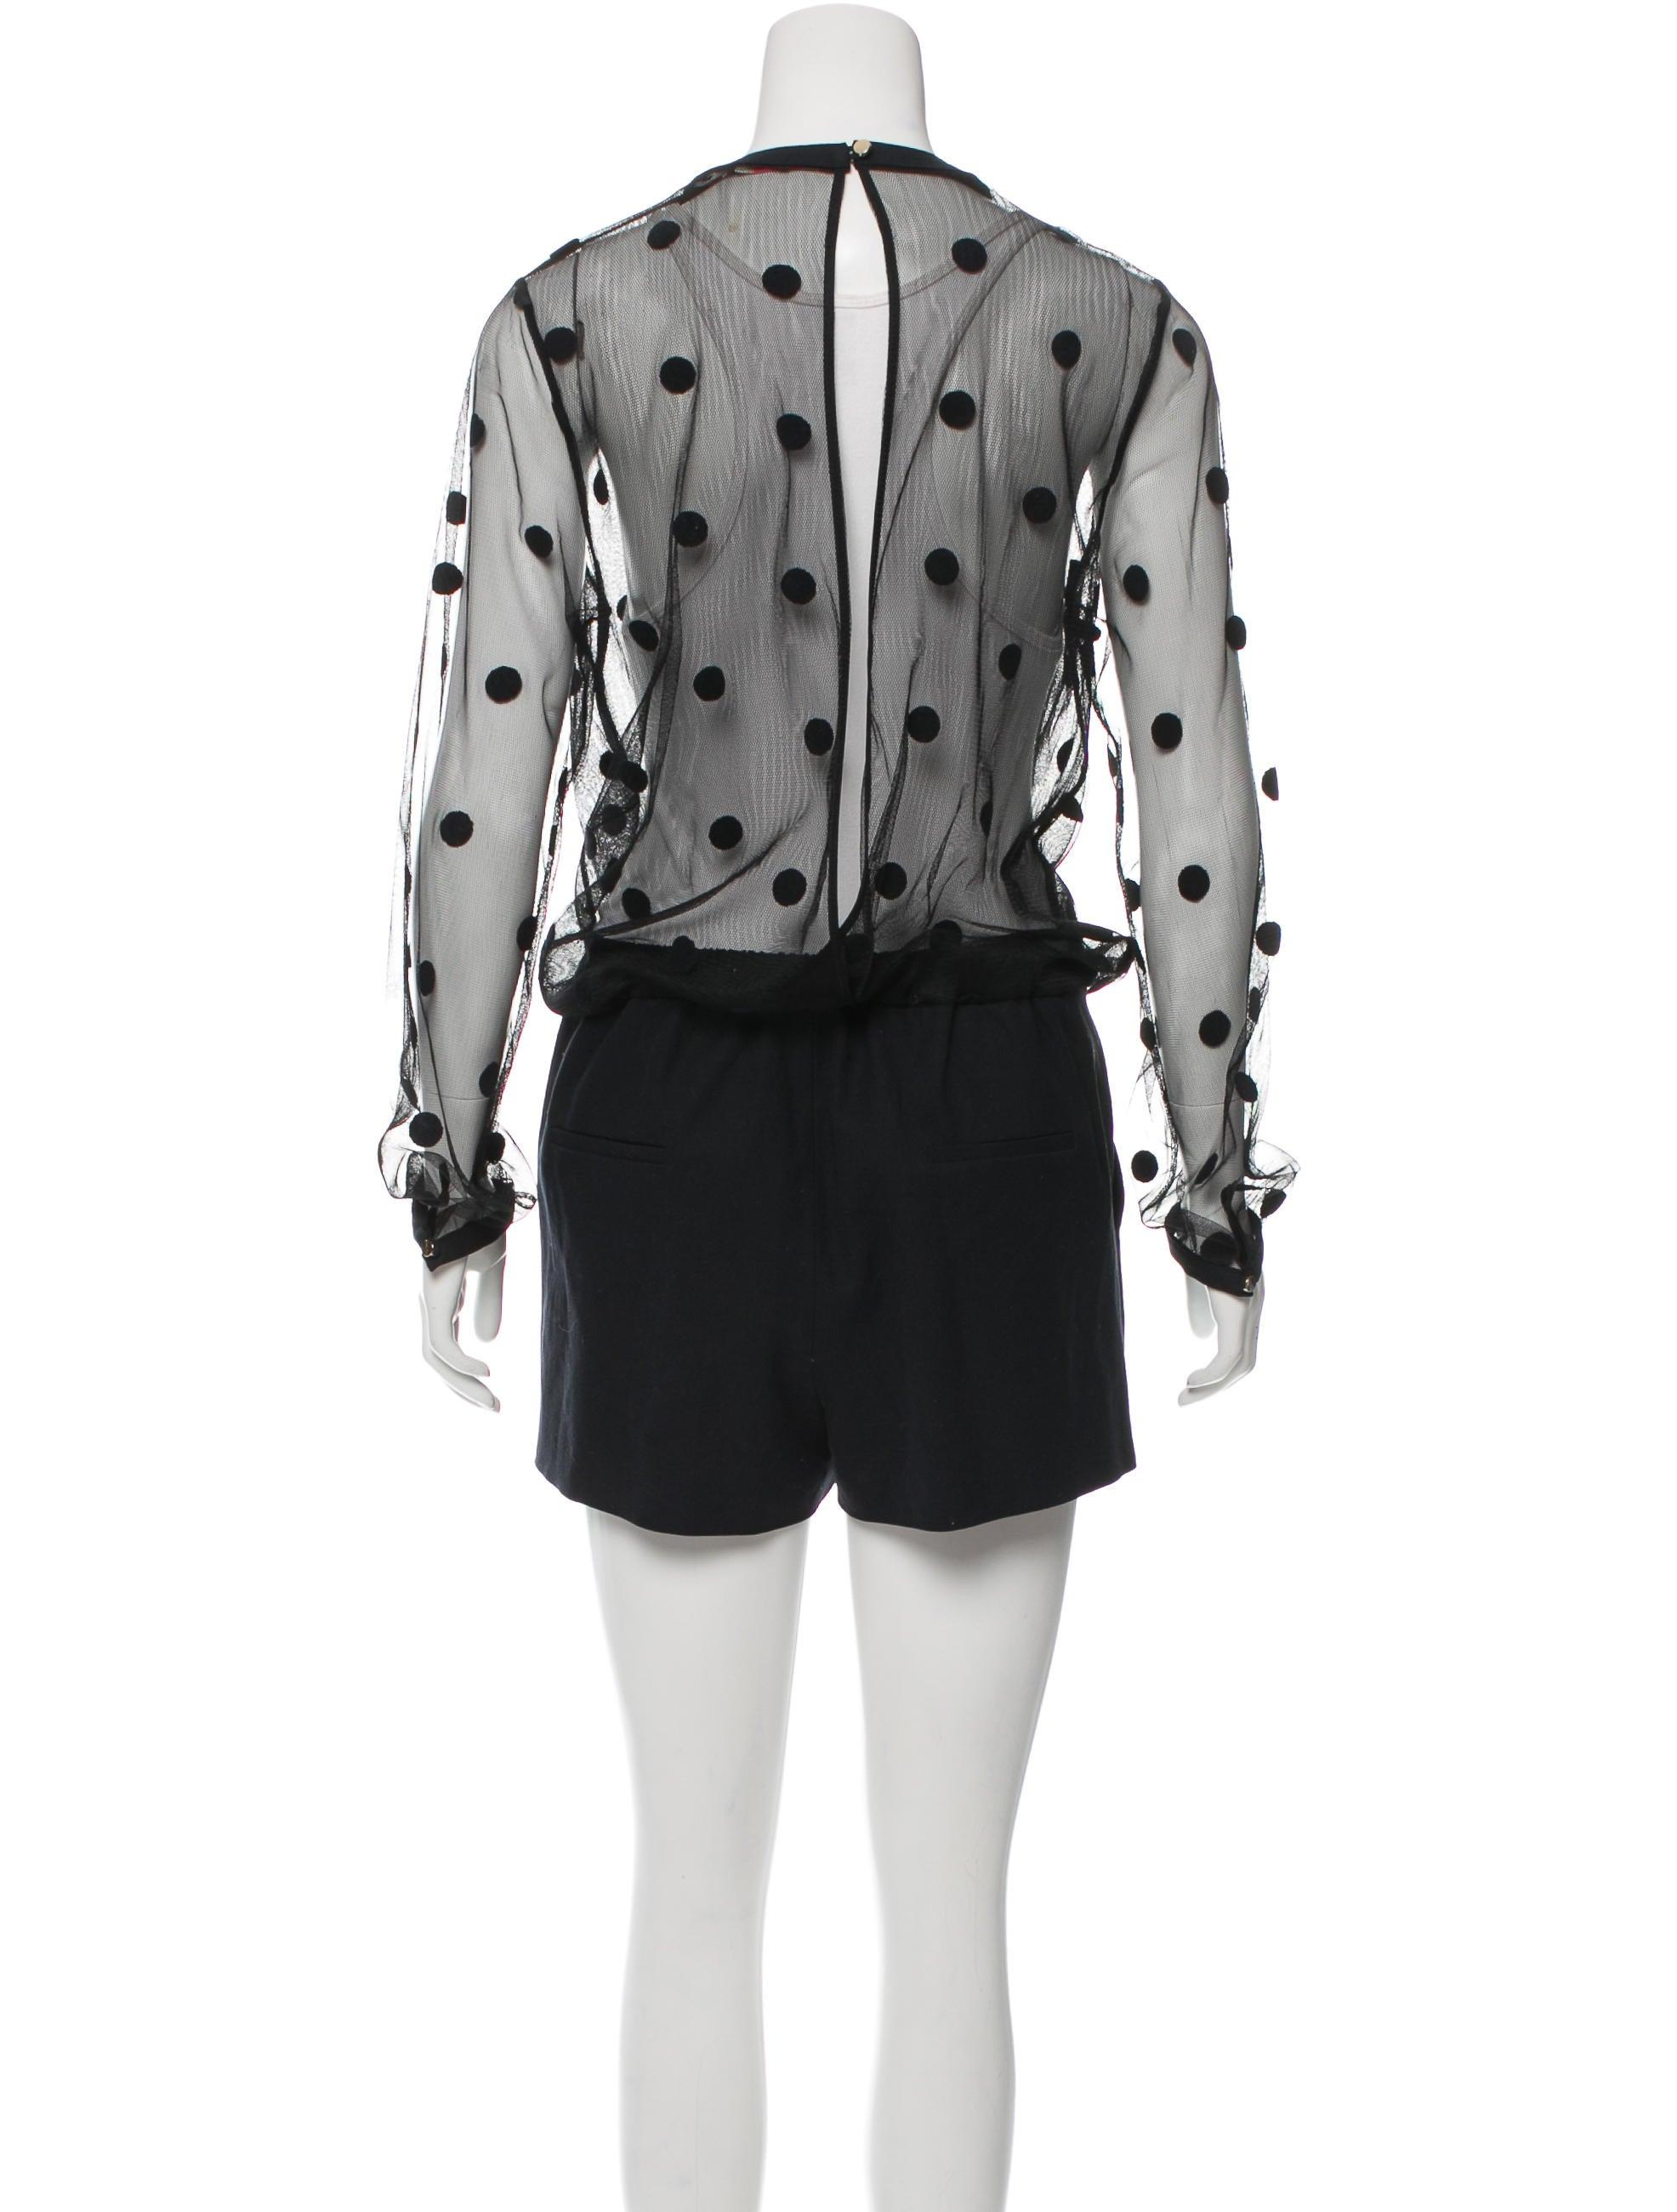 Sass u0026 Bide High-Rise Polka-Dot Romper - Clothing - WSA20145 | The RealReal